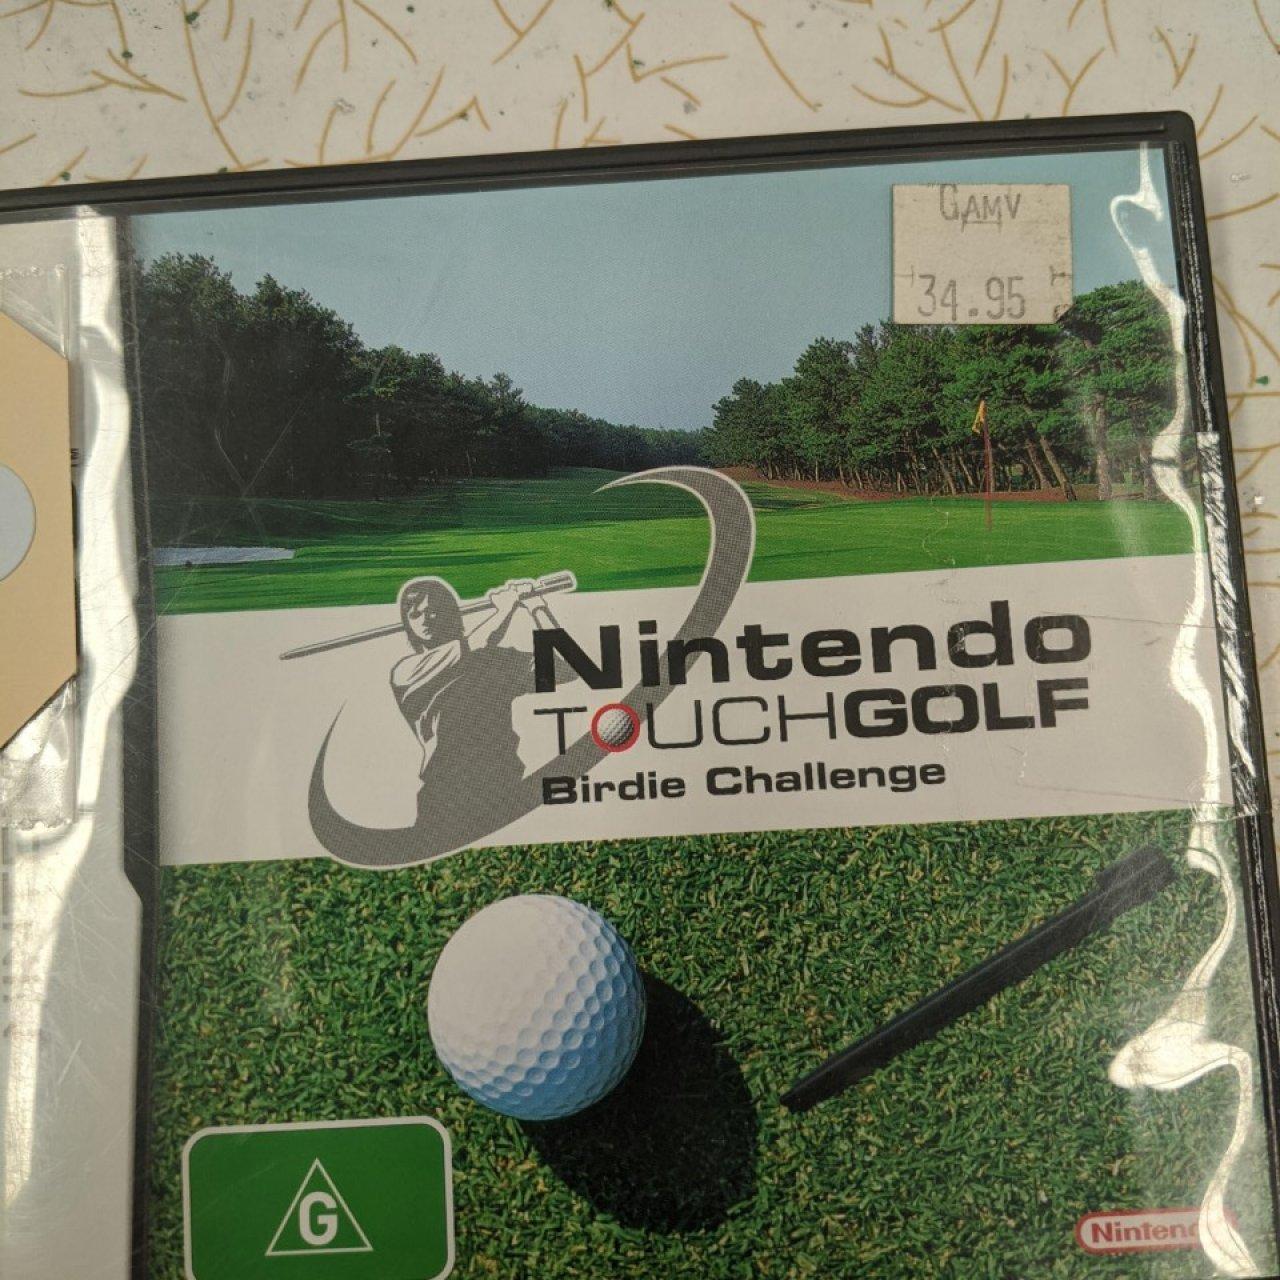 NINTENDO DS  - Touch Golf Birdie Challenge